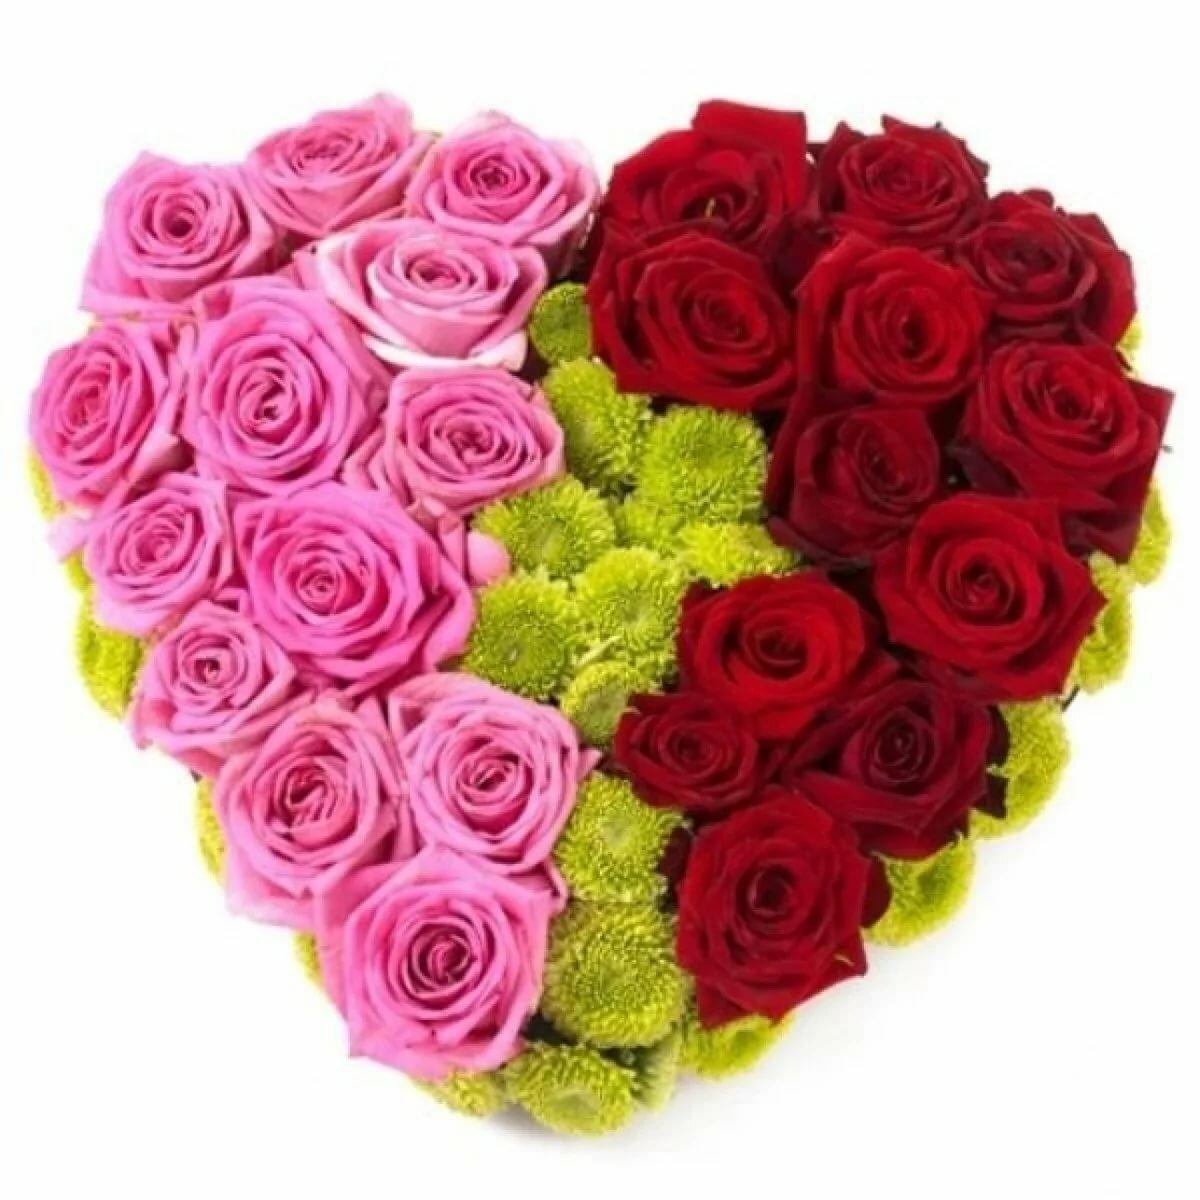 Днем, цветы для девушки картинки